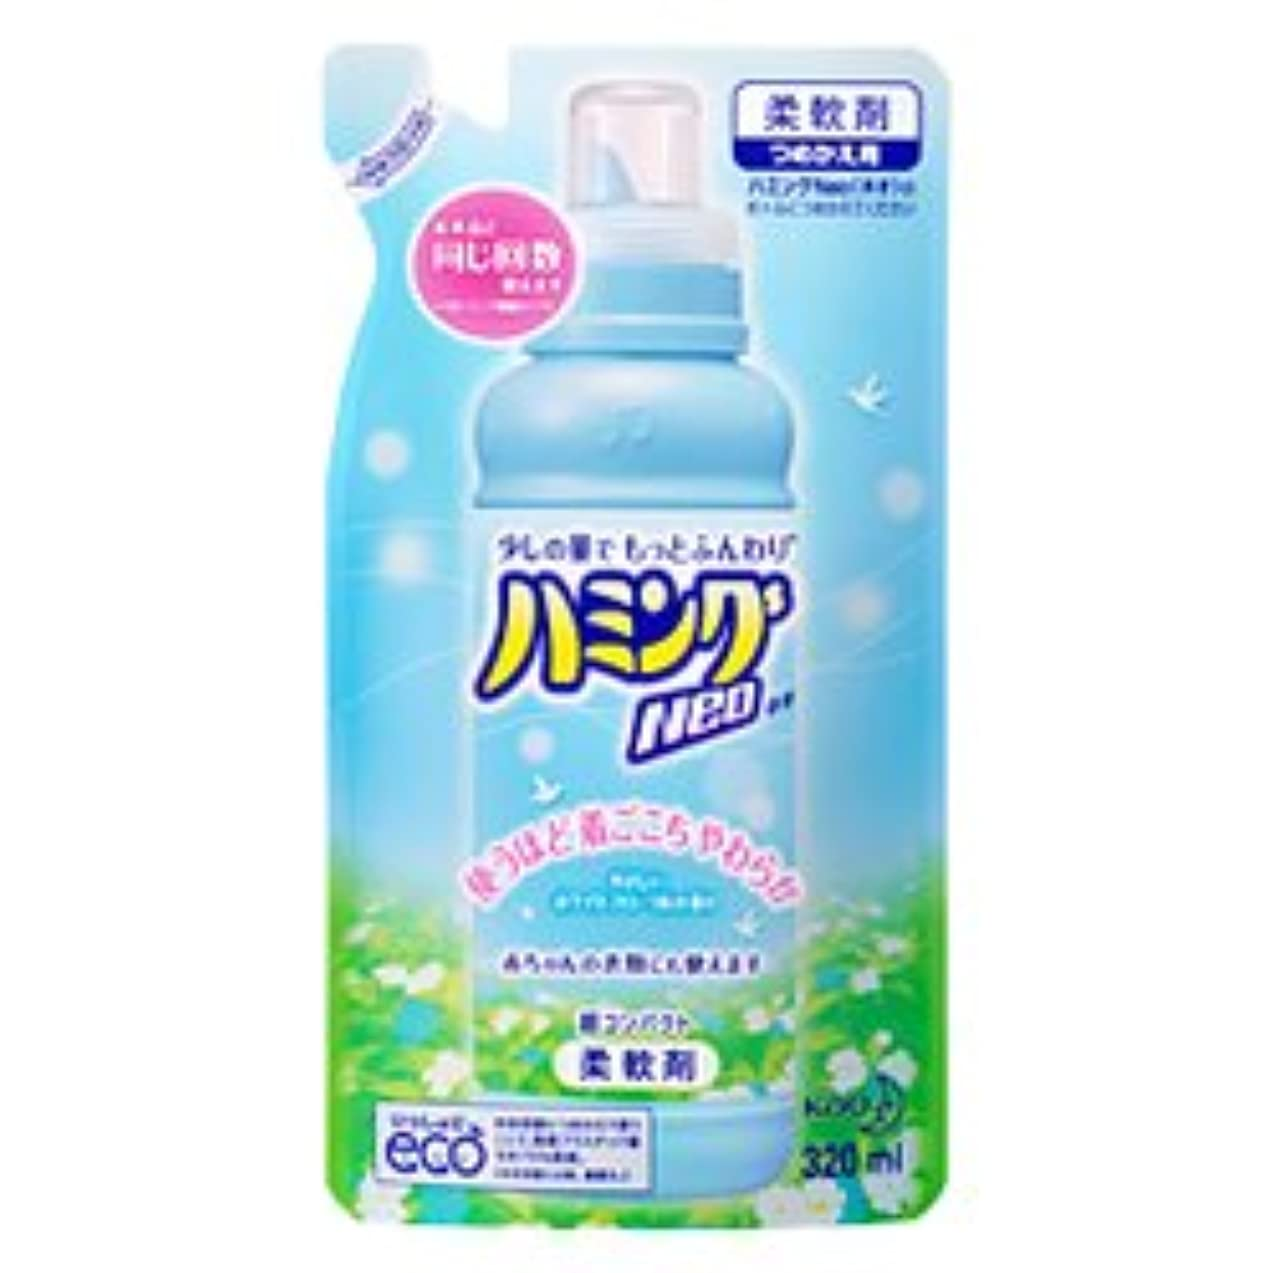 はい黒板ラグ【花王】ハミングNeo ホワイトフローラルの香り <詰替用>320ml ×10個セット